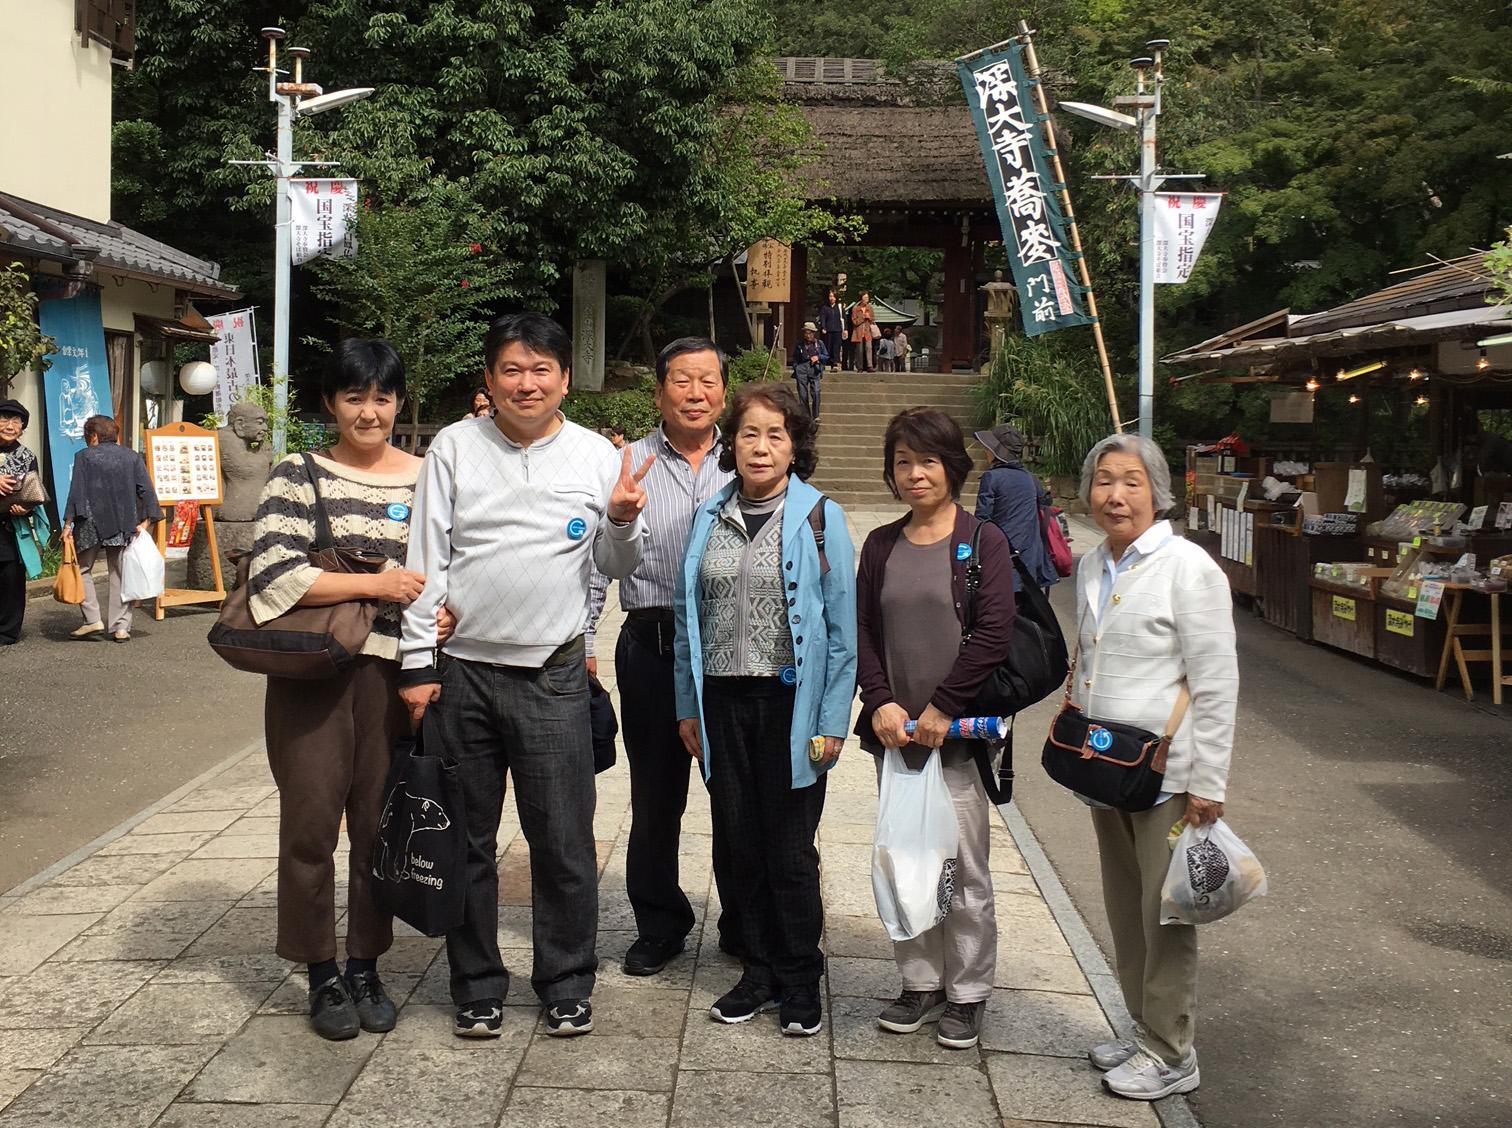 東京 高尾山・深大寺を巡る東京多摩コース催行!